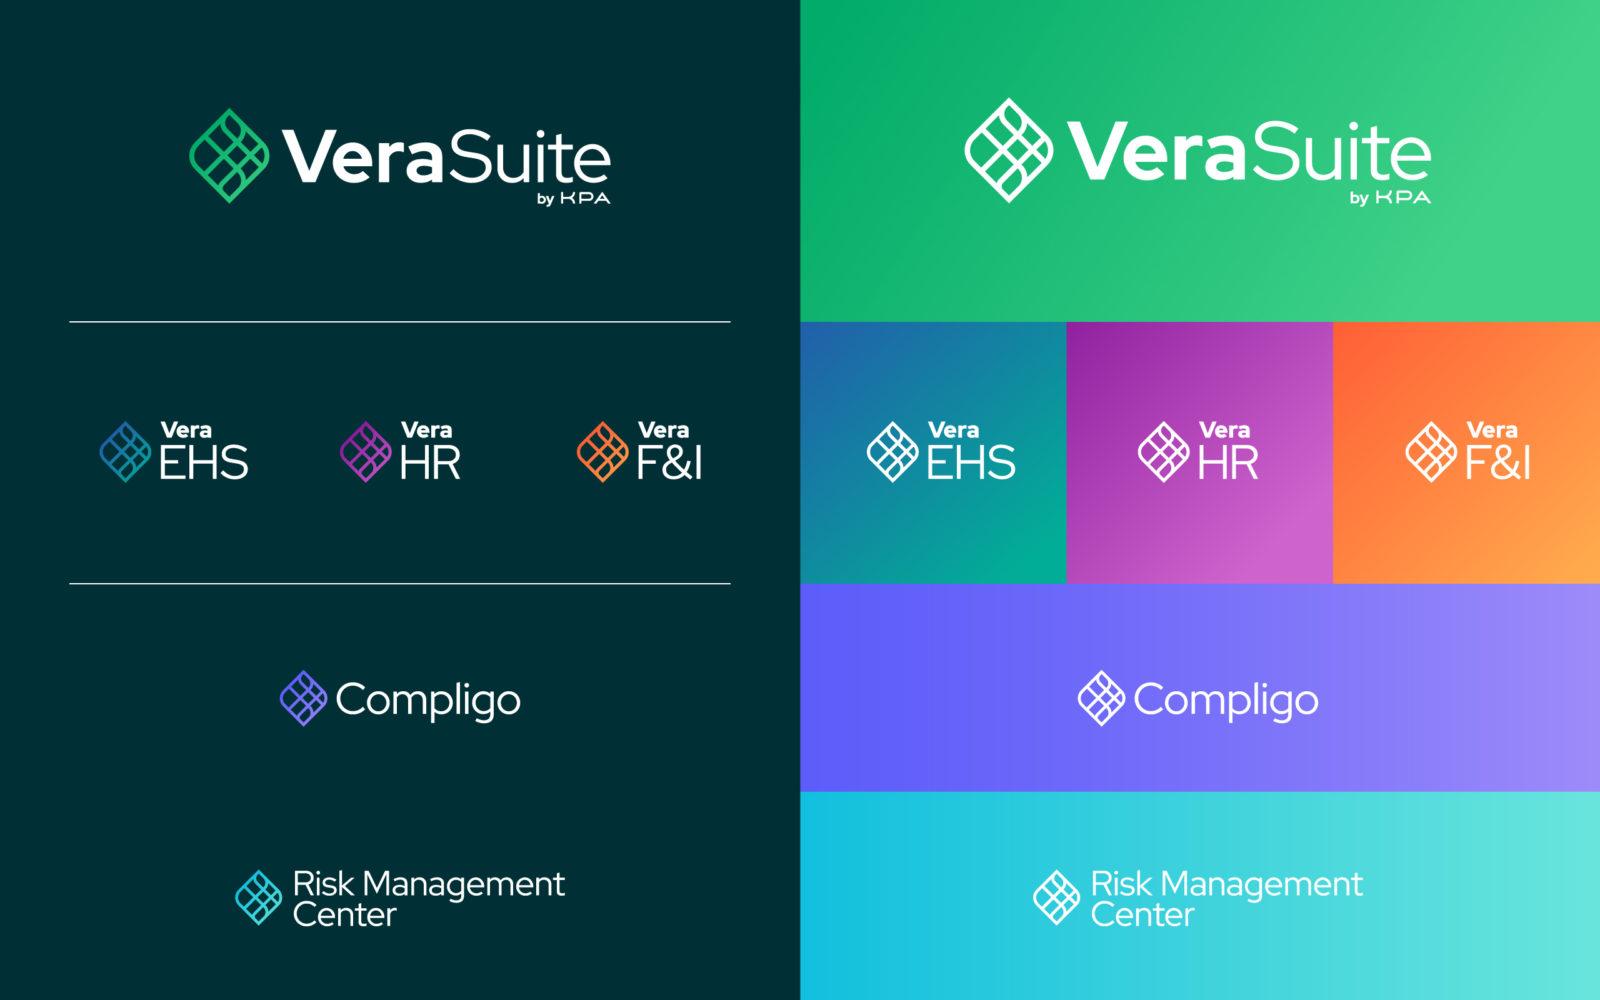 KPA Product Logos